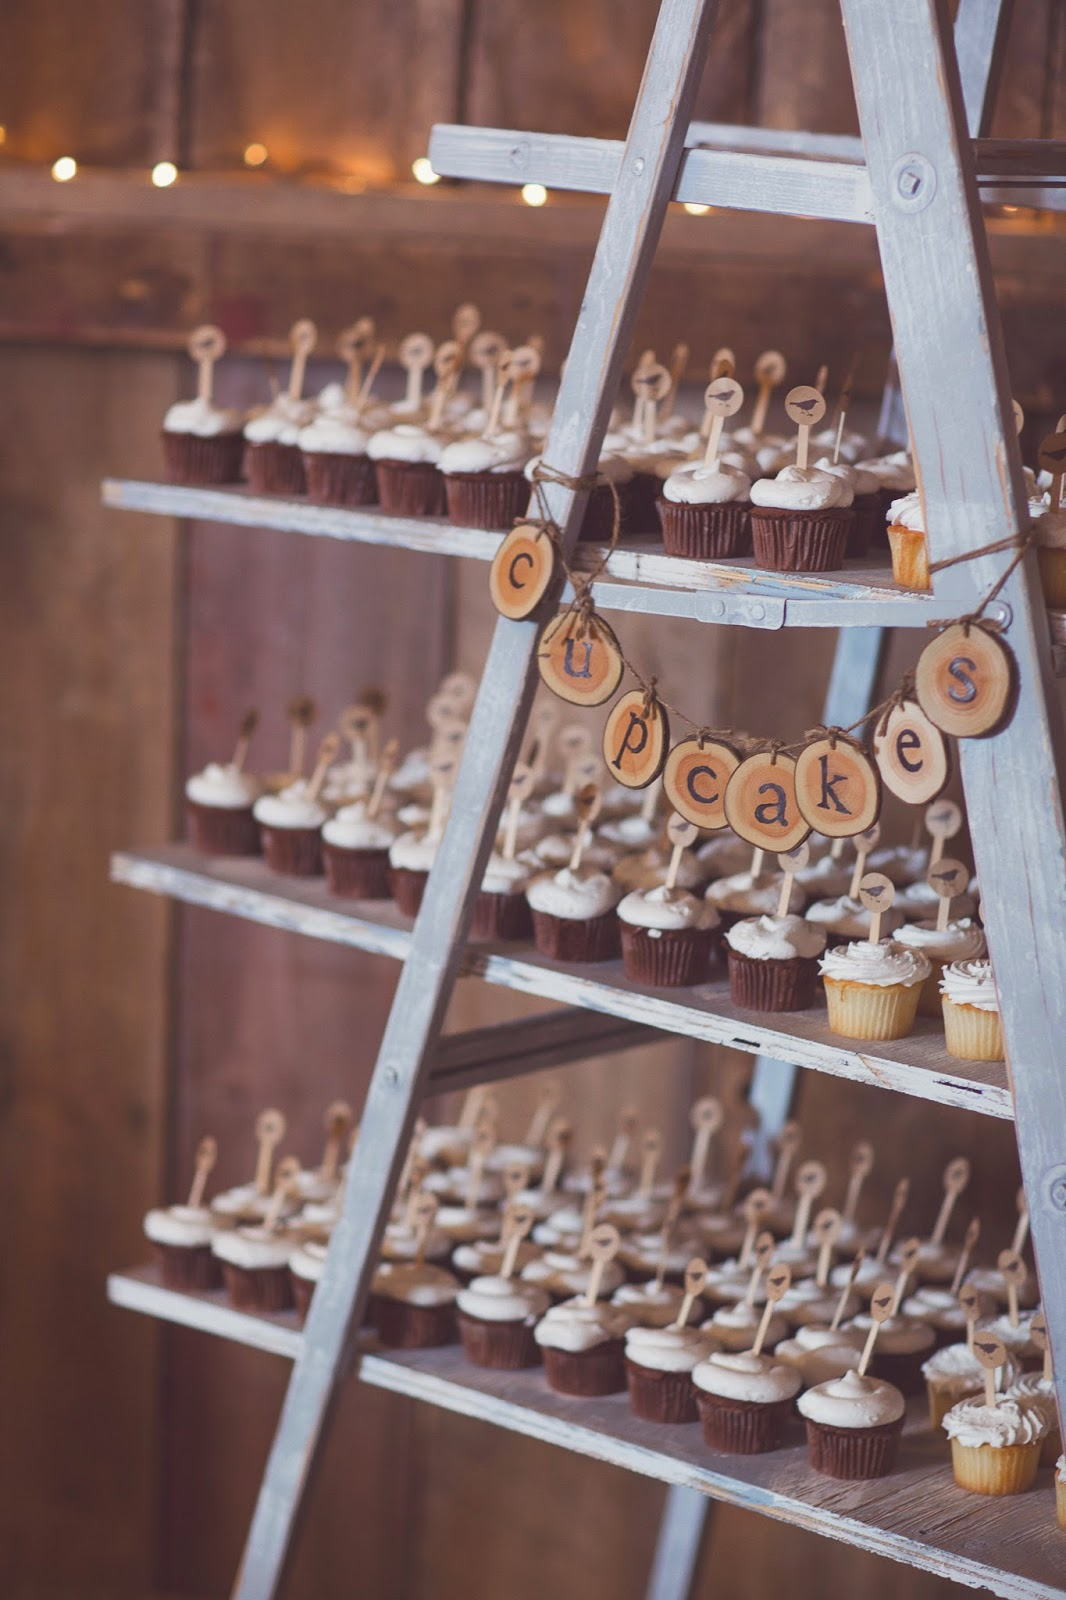 cupcake ladder display